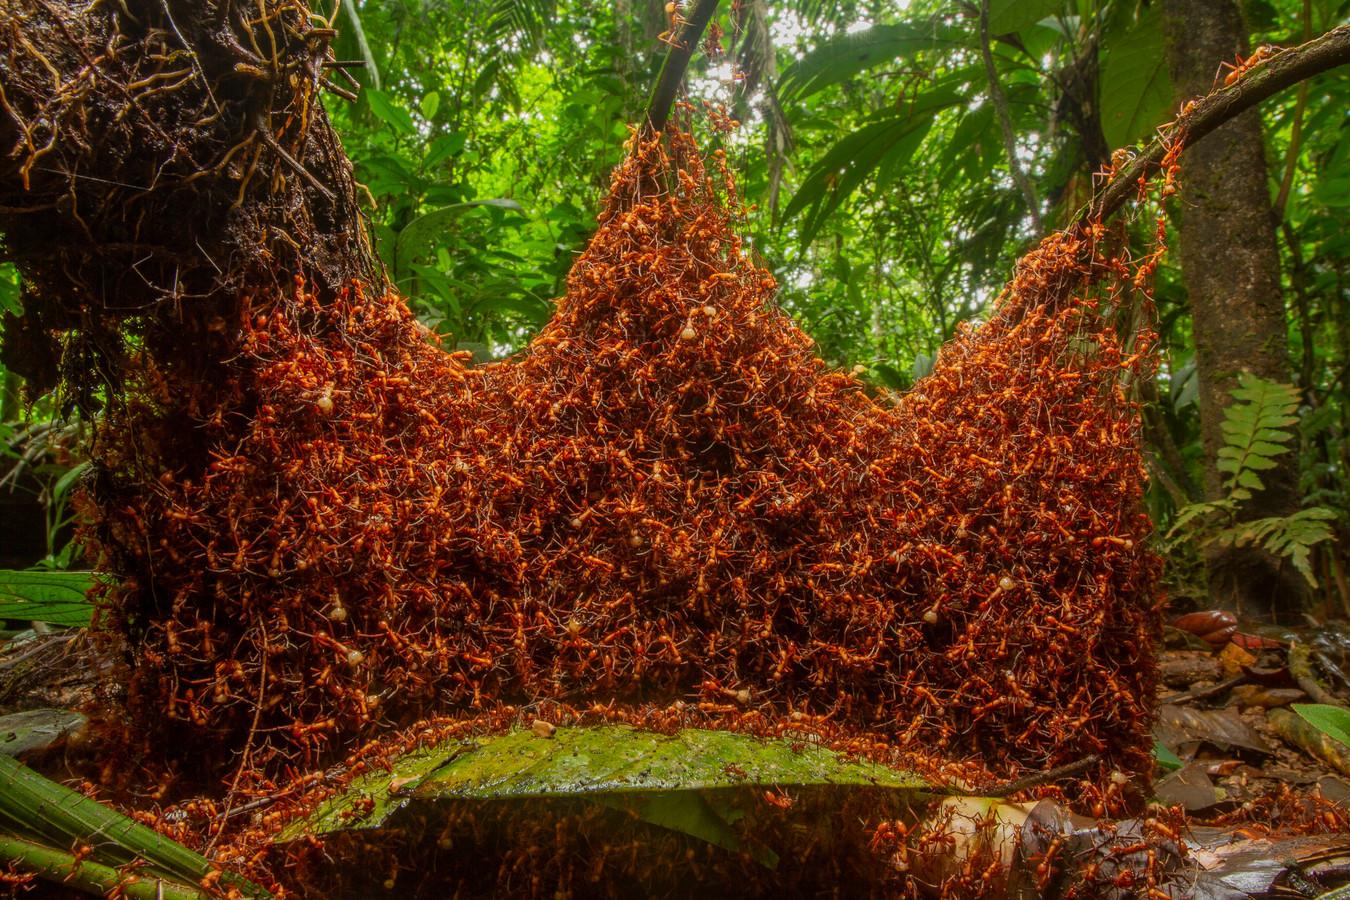 Overdag overvallen deze kolonie legermieren hun omgeving, meestal jagend op andere mierensoorten. In de schemering gingen ze verder, tot 400 meter voordat ze een nest voor de nacht bouwden. Daniel plaatste zijn camera op de bosbodem en was op zijn hoede om duizenden giflegermieren van streek te maken. 'Je moet niet in hun richting ademen,' zegt hij.